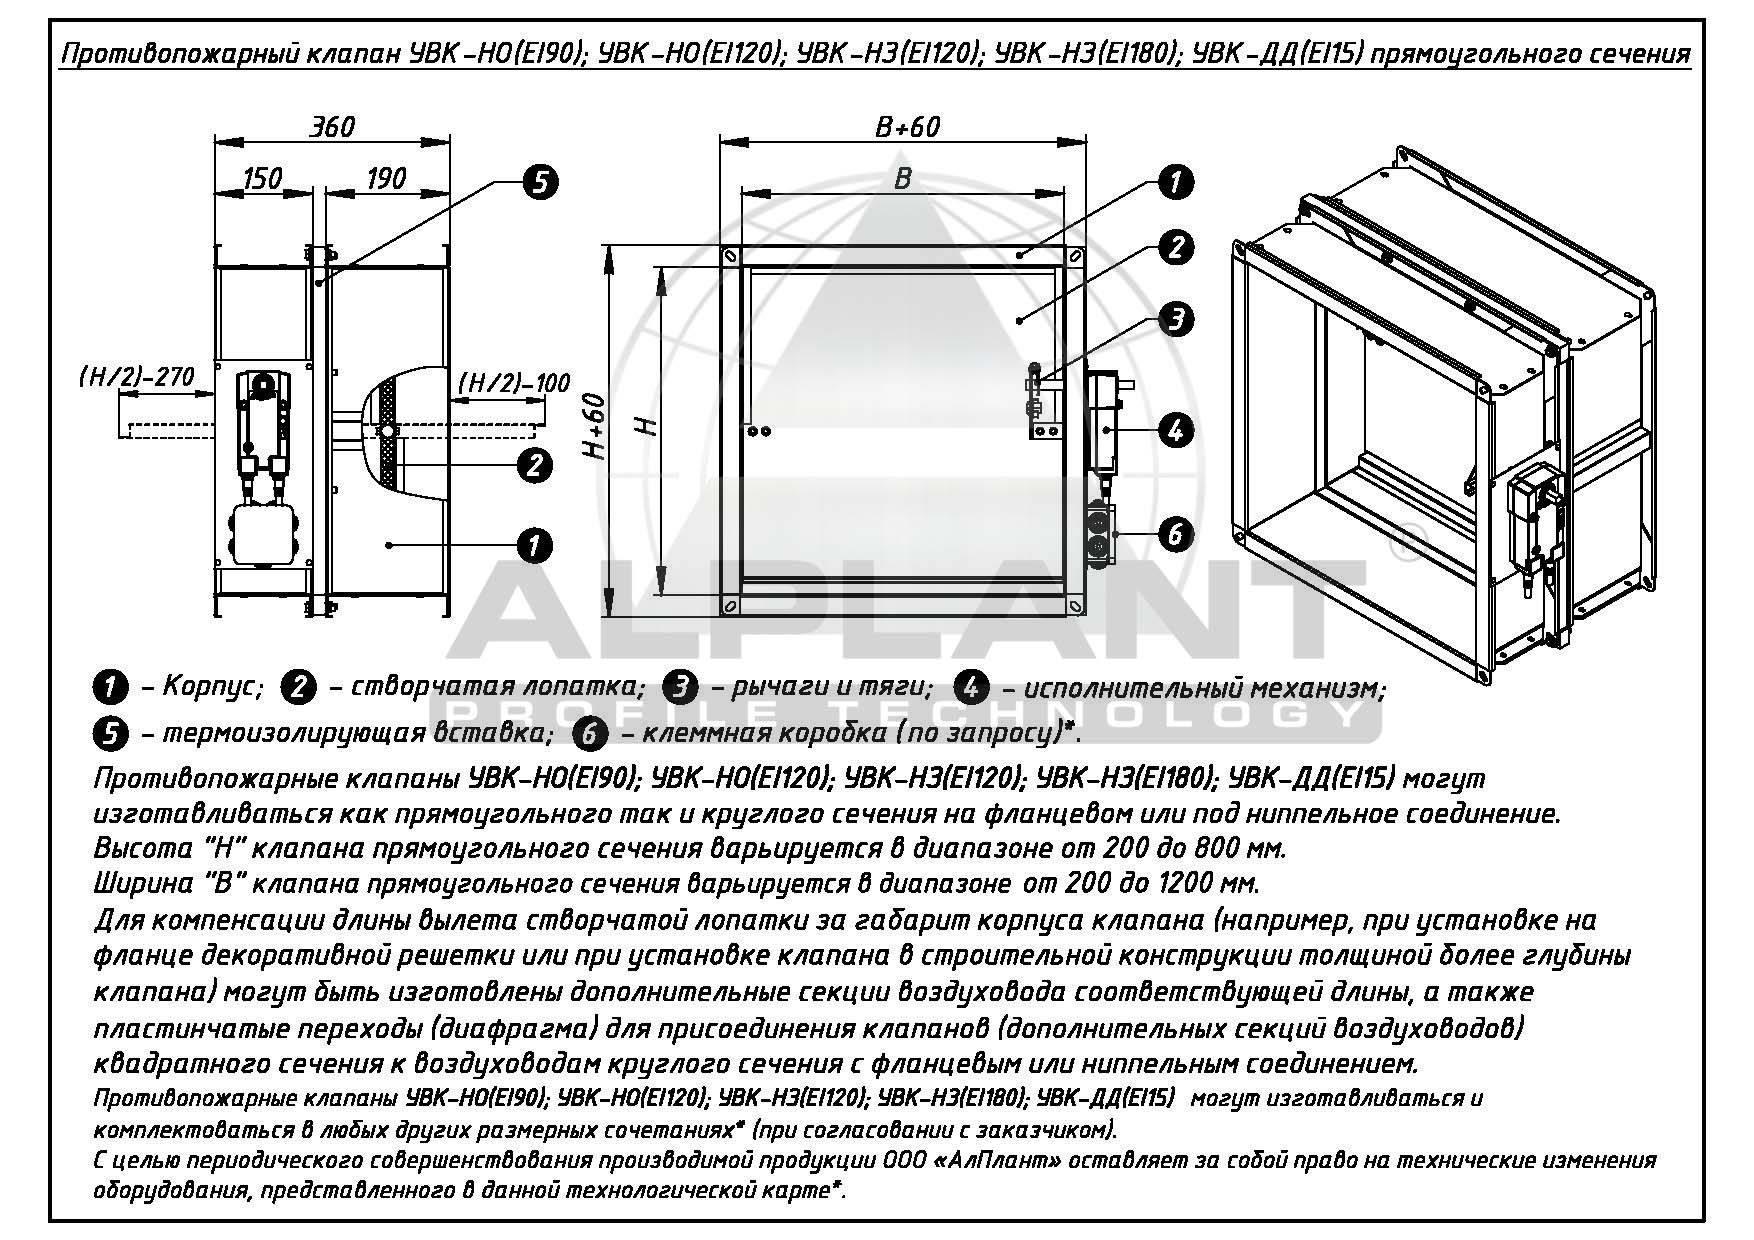 Клапан дымоудаления, требования и виды: область применения